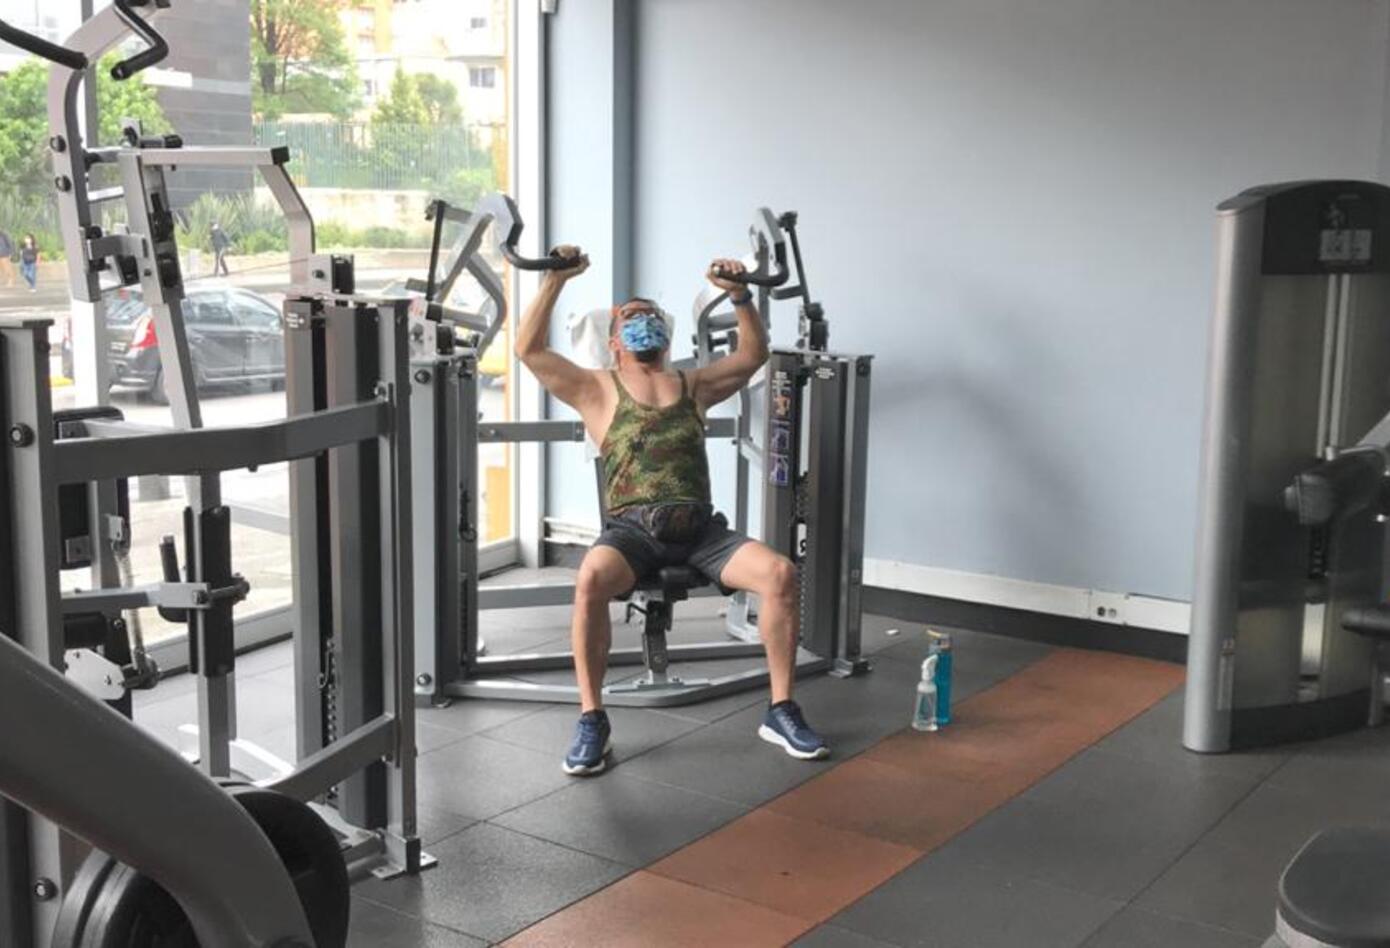 El uso de tapabocas en gimnasios es permanente y obligatorio.